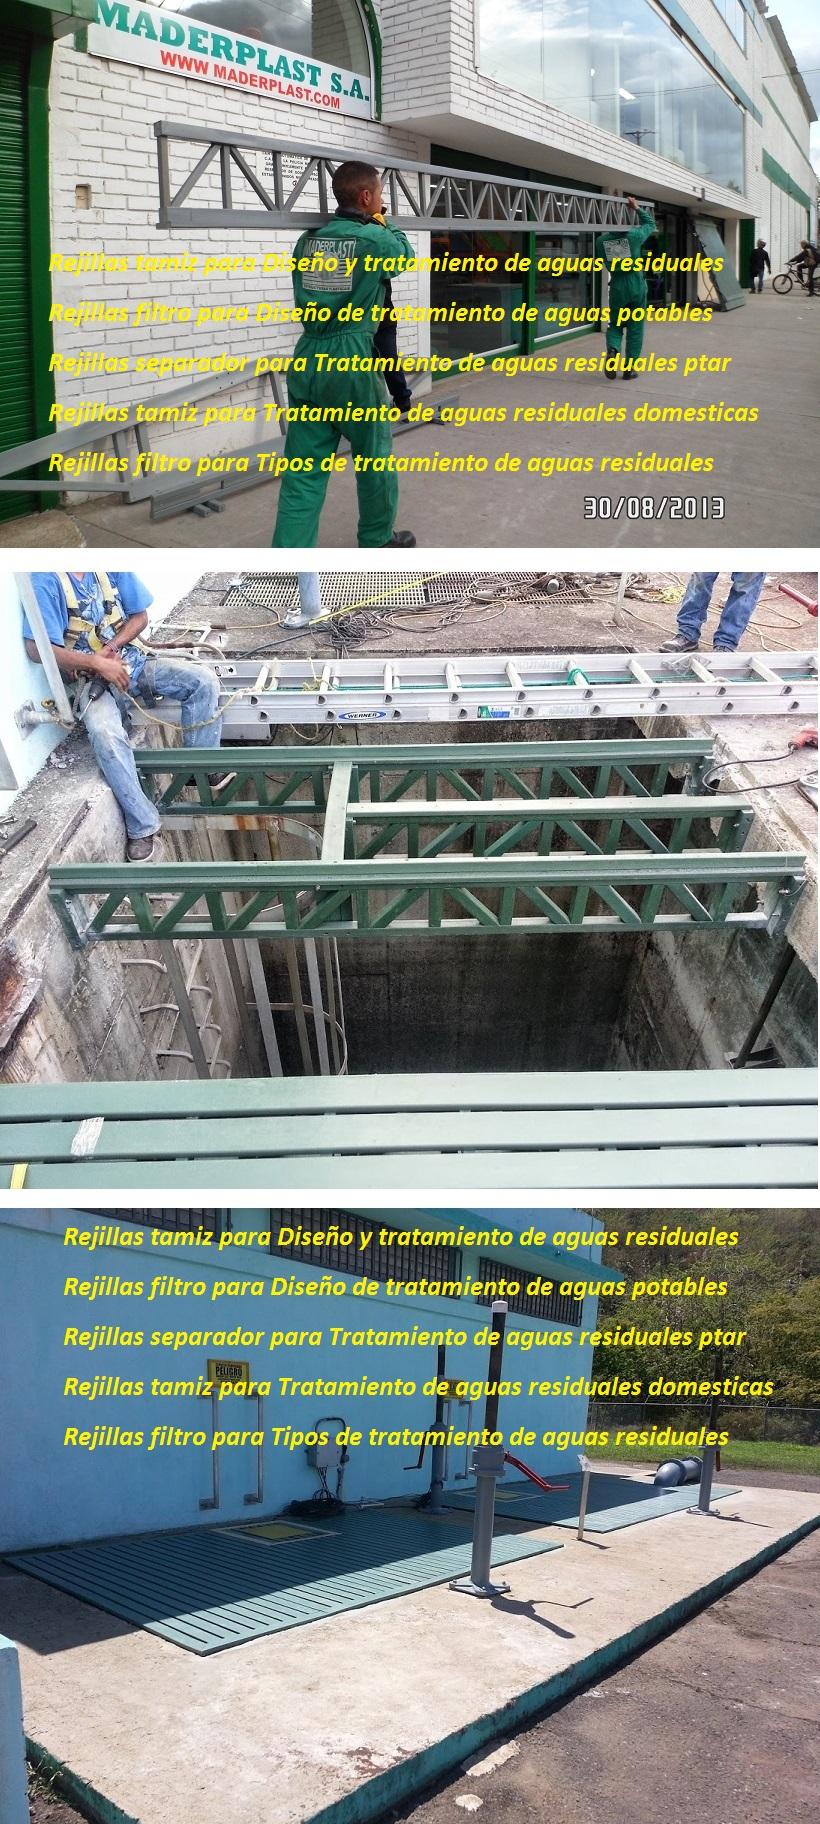 rejillas para tanques ptar planta de tratamiento de aguas residuales rejillas para ptar tanques SOMOS FABRICANTES DE REJILLAS INDUSTRIALES MADERPLAST CANALETAS CON REJILLAS PLÁSTICAS FUERTES PARA TODO USO EN MADERPLAST nos especializamos en rejillas industriales, rejillas para empresa de acueductos y alcantarillados, rejillas para canaletas, rejillas para plantas de tratamientos de aguas residuales, rejillas pultruidas, rejillas de fibra de vidrio, rejillas de poliester, rejillas inoxidables, rejillas acero inoxidable, haga su pedido que nosotros le damos garantia de 5 años, por escrito, vea nuestro video de pruebas de las rejillas maderplast, Rejillas plasticas para desagüe pluvial rejillas de piso con canaletas plásticas fibra 0 rejillas de jardinería plásticas inoxidables 0 rejilla metálica para desagüe 0 rejilla sumidero aguas lluvias platica inox canal  Rejillas para colectores y desagües de aguas lluvias Maderplast, para sistemas de drenaje lineales la canaleta con rejilla Maderplast, sistema de canalización no se lo robaran es anti vandalismo, no sonará por ser de plástico, nos se torcera por tener memoria plástica, no se oxidaran por ser totalmente plásticos polipropilenos inoxidables, rejillas industriales Maderplast canaletas con rejillas peatonales canales rejillas plásticas sumideros con canal y rejillas vehiculares, rejillas especiales, rejillas sobre pedido, rejillas sobre diseño, rejillas a la medida, Comprar rejillas para el canal rebosadero en maderas plástica Maderplast, fabricantes de rejillas de piscinas al mejor precio online, no se rompen, antideslizantes, fuertes, son decorativas, las hacemos a sus medidas sobre pedido, Rejillas plasticas para desagüe pluvial rejillas de piso de acero inoxidable curvas arcos 0 circulares rejillas en acero inoxidable bogota 0 rejillas de jardinería plásticas inoxidables 0 rejilla de piso circulares, como es el diseño de ptar tipos de rejillas para plantas de tratamiento rejillas para depósitos ptar diseño de un